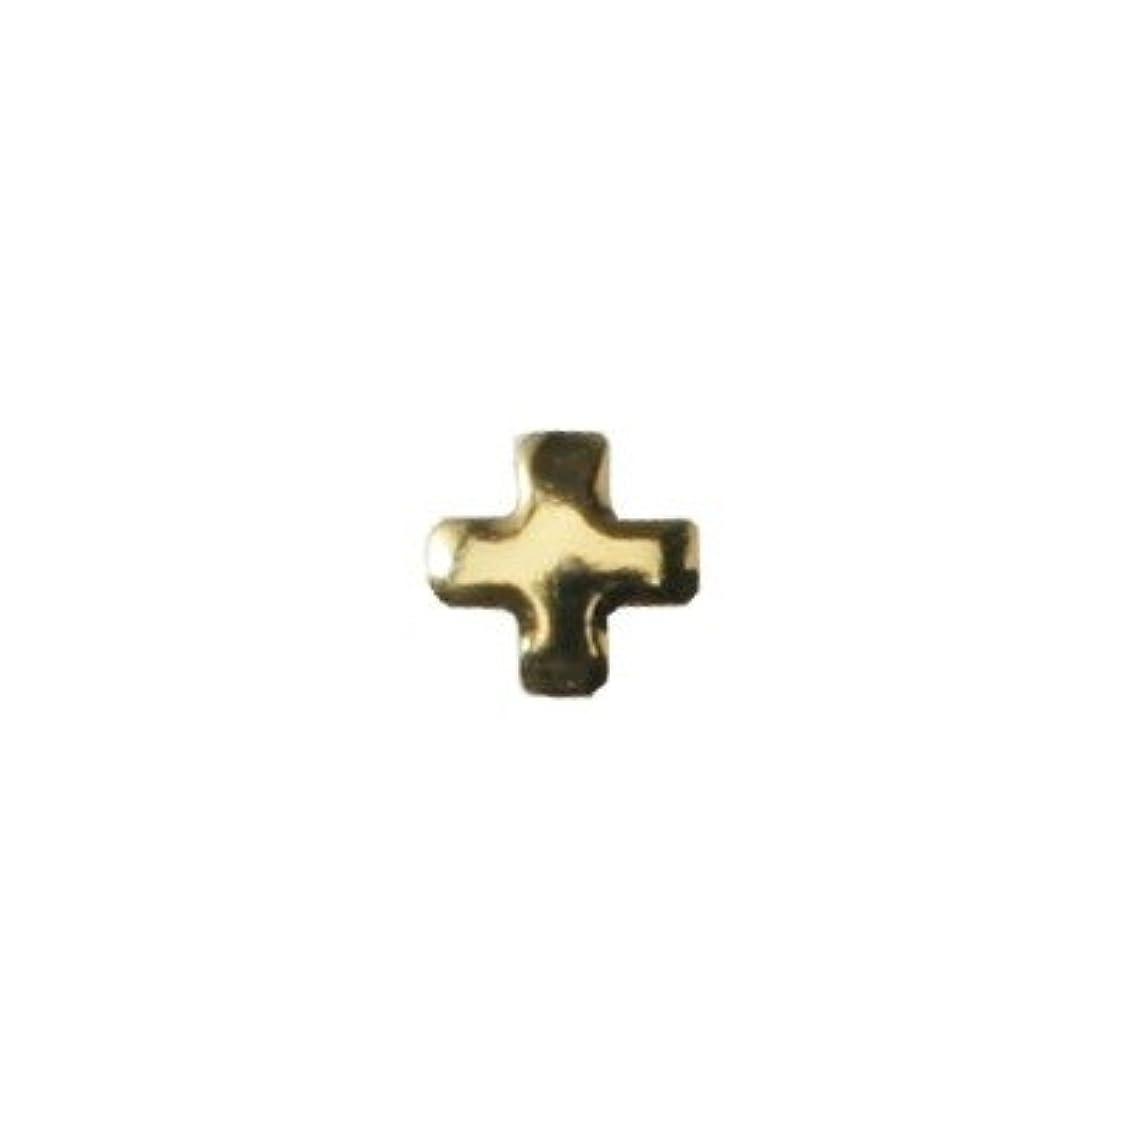 レイアウトボンド保護ピアドラ スタッズ クロスレット 3mm 50P ゴールド